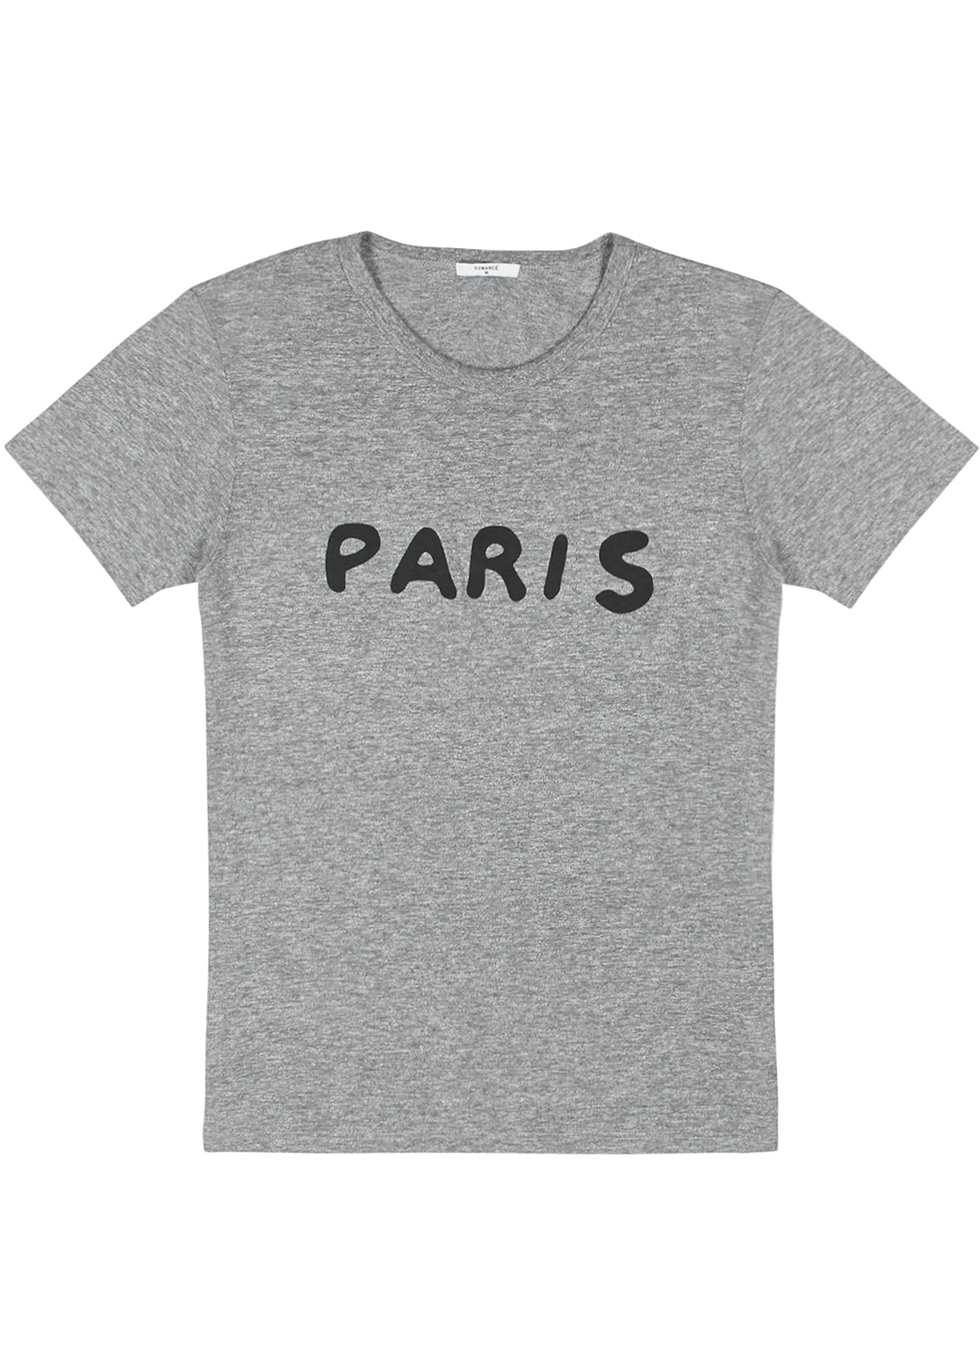 Paris printed cotton T-shirt - Rxmance